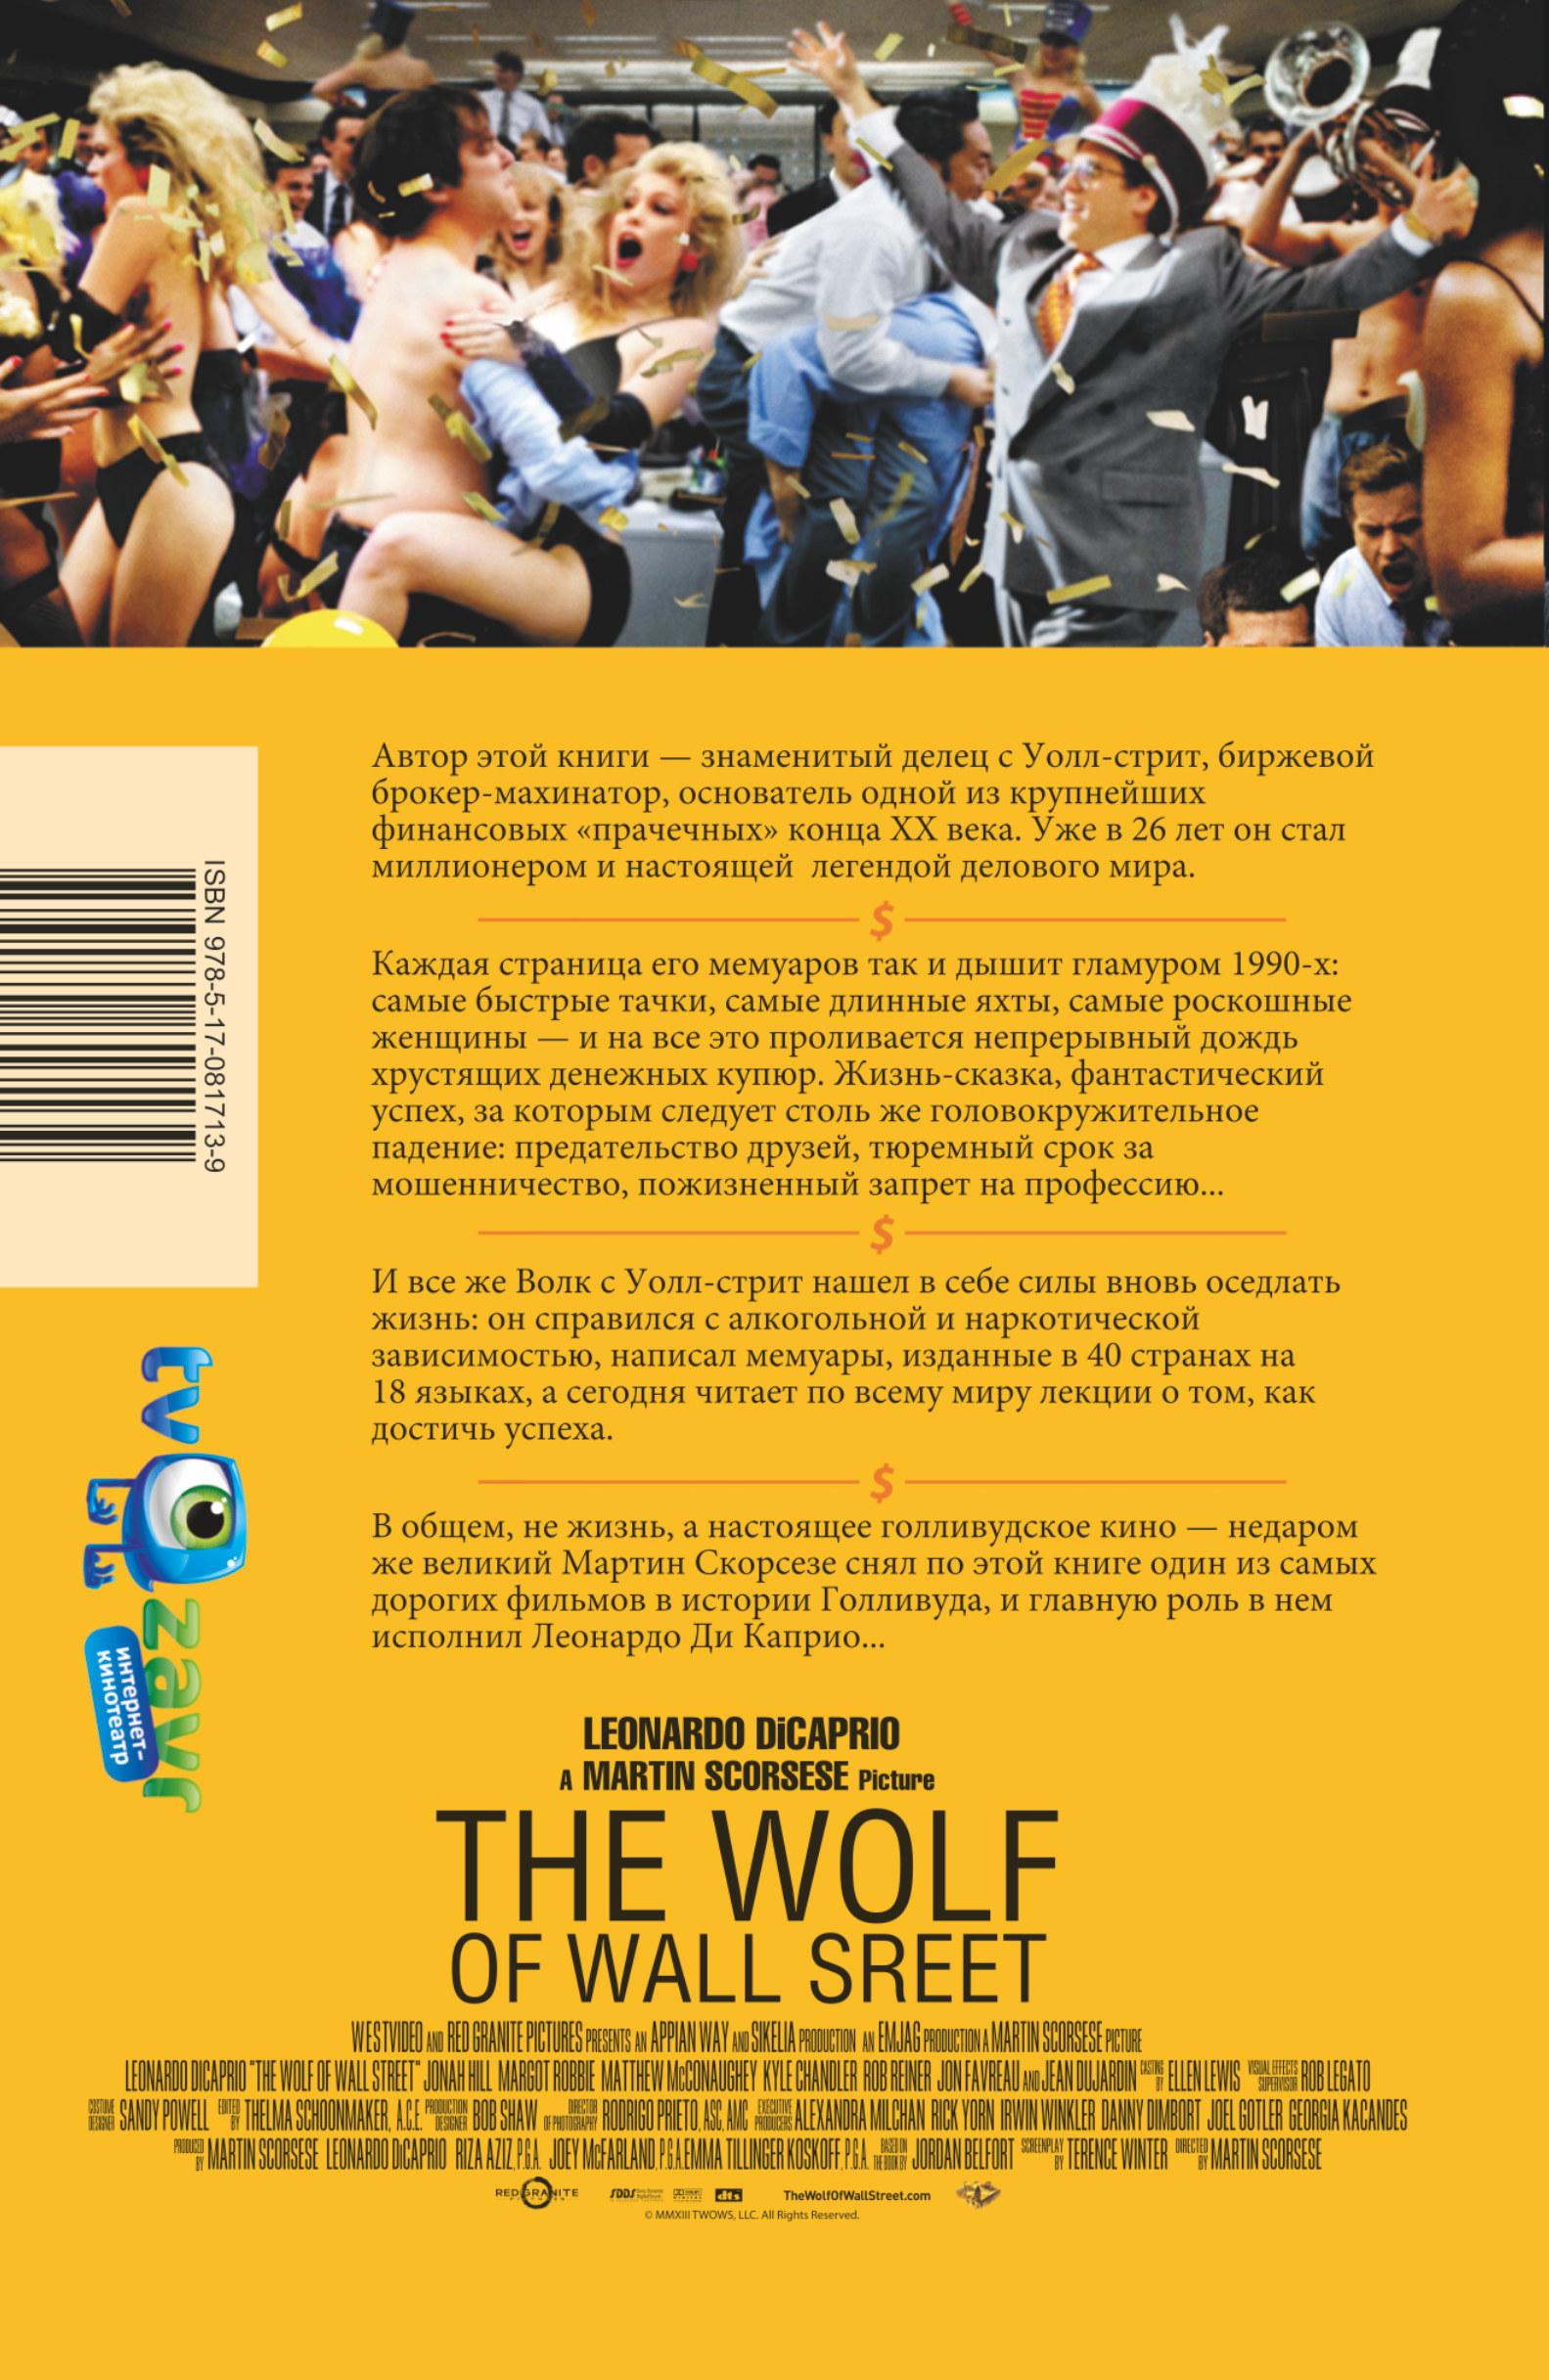 Джордан Белфорт. Волк с Уолл-стрит